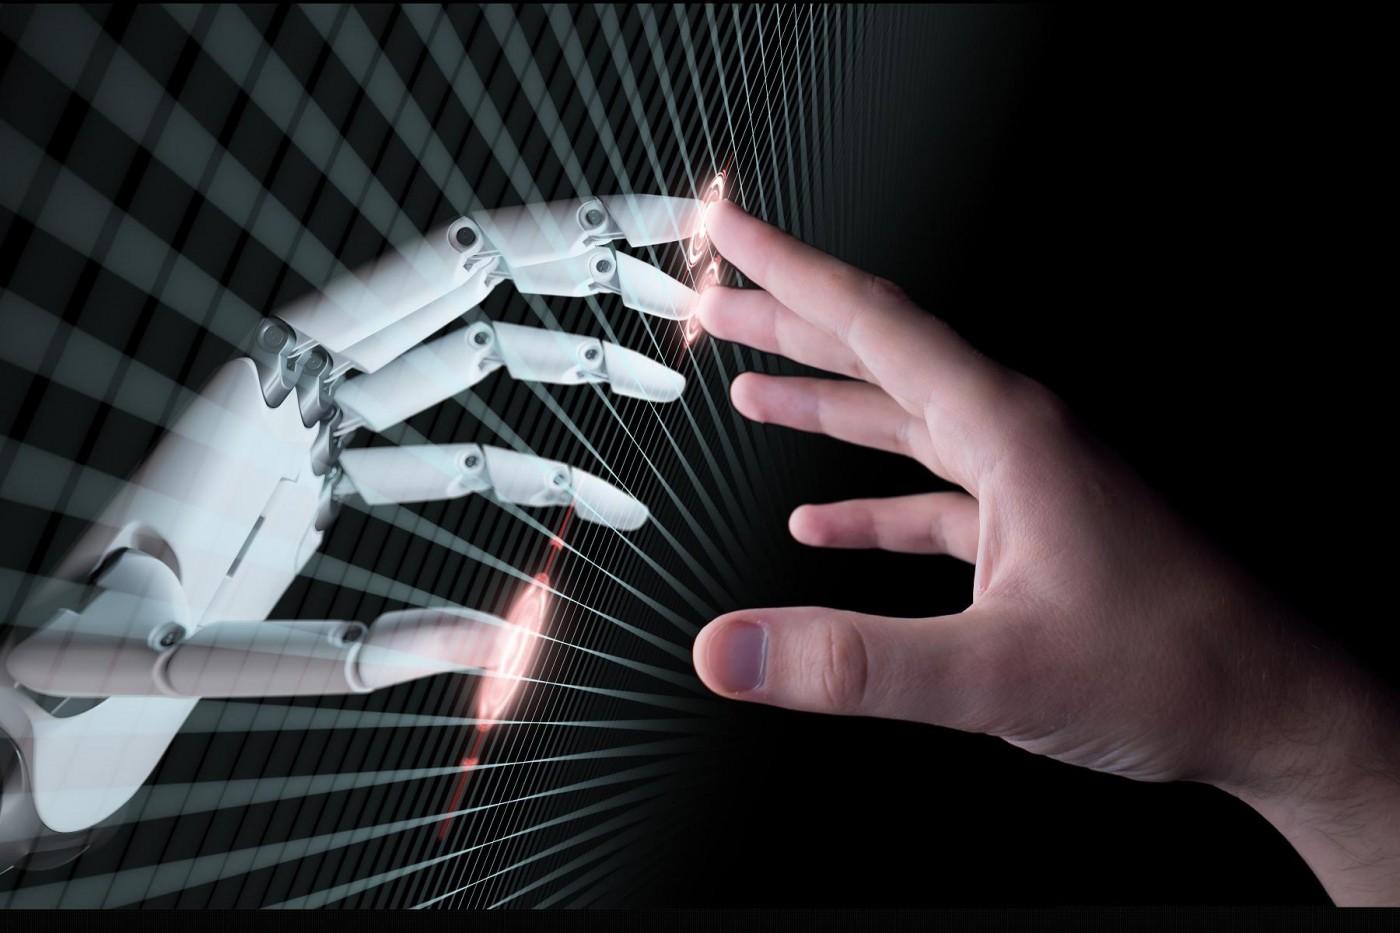 增加的工作機會比被取代的多,AI浪潮下醫療產業受益最大?